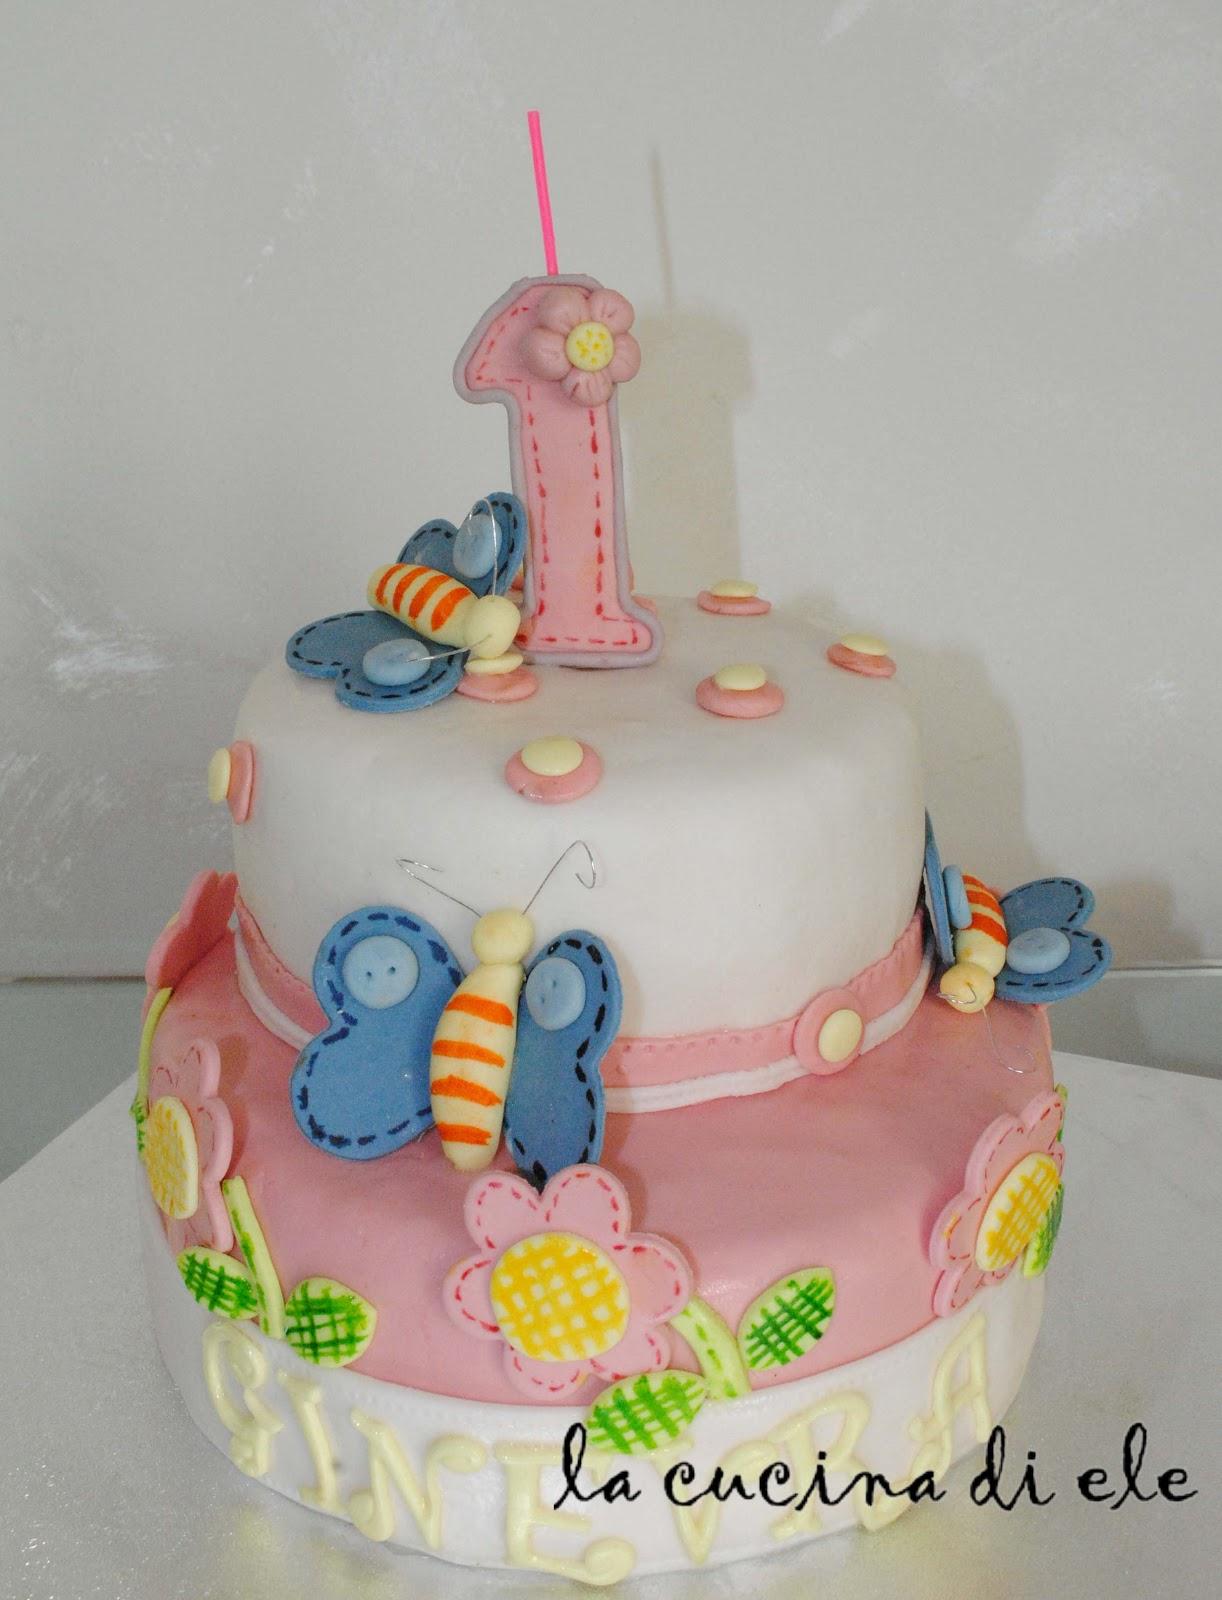 la cucina di ele torta 1 anno